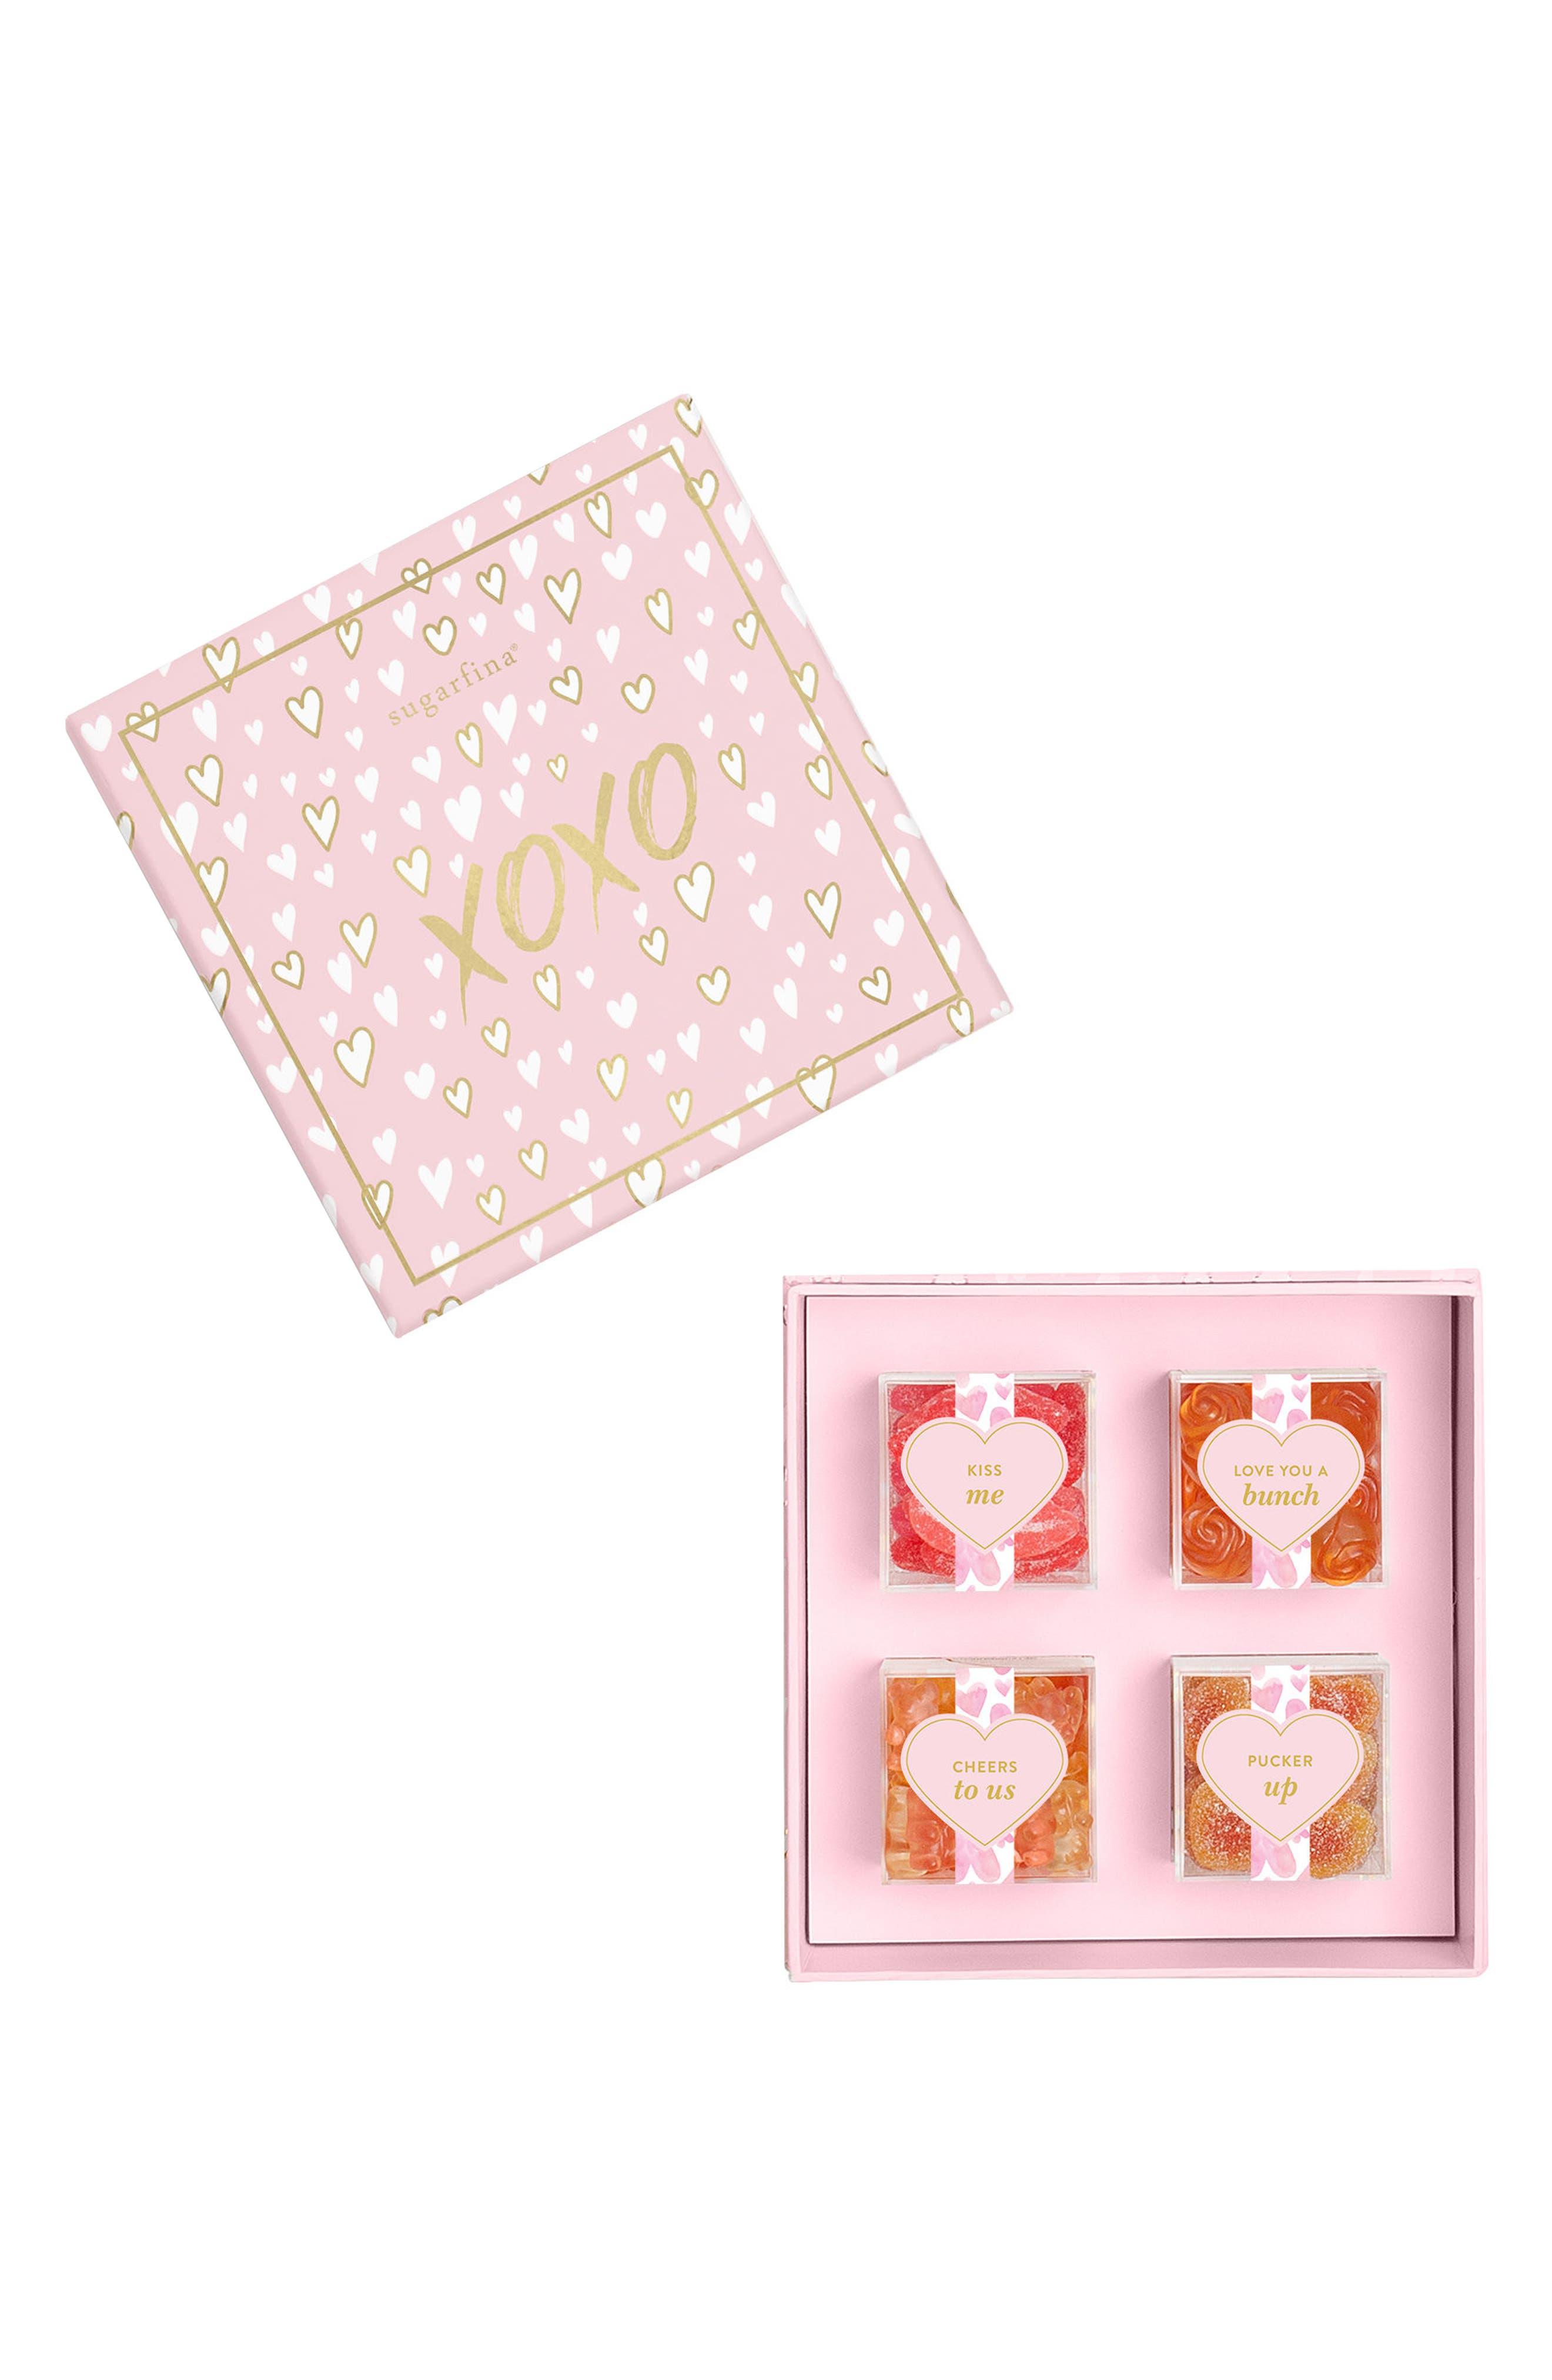 XOXO 4-Piece Candy Bento Box,                         Main,                         color, Pink